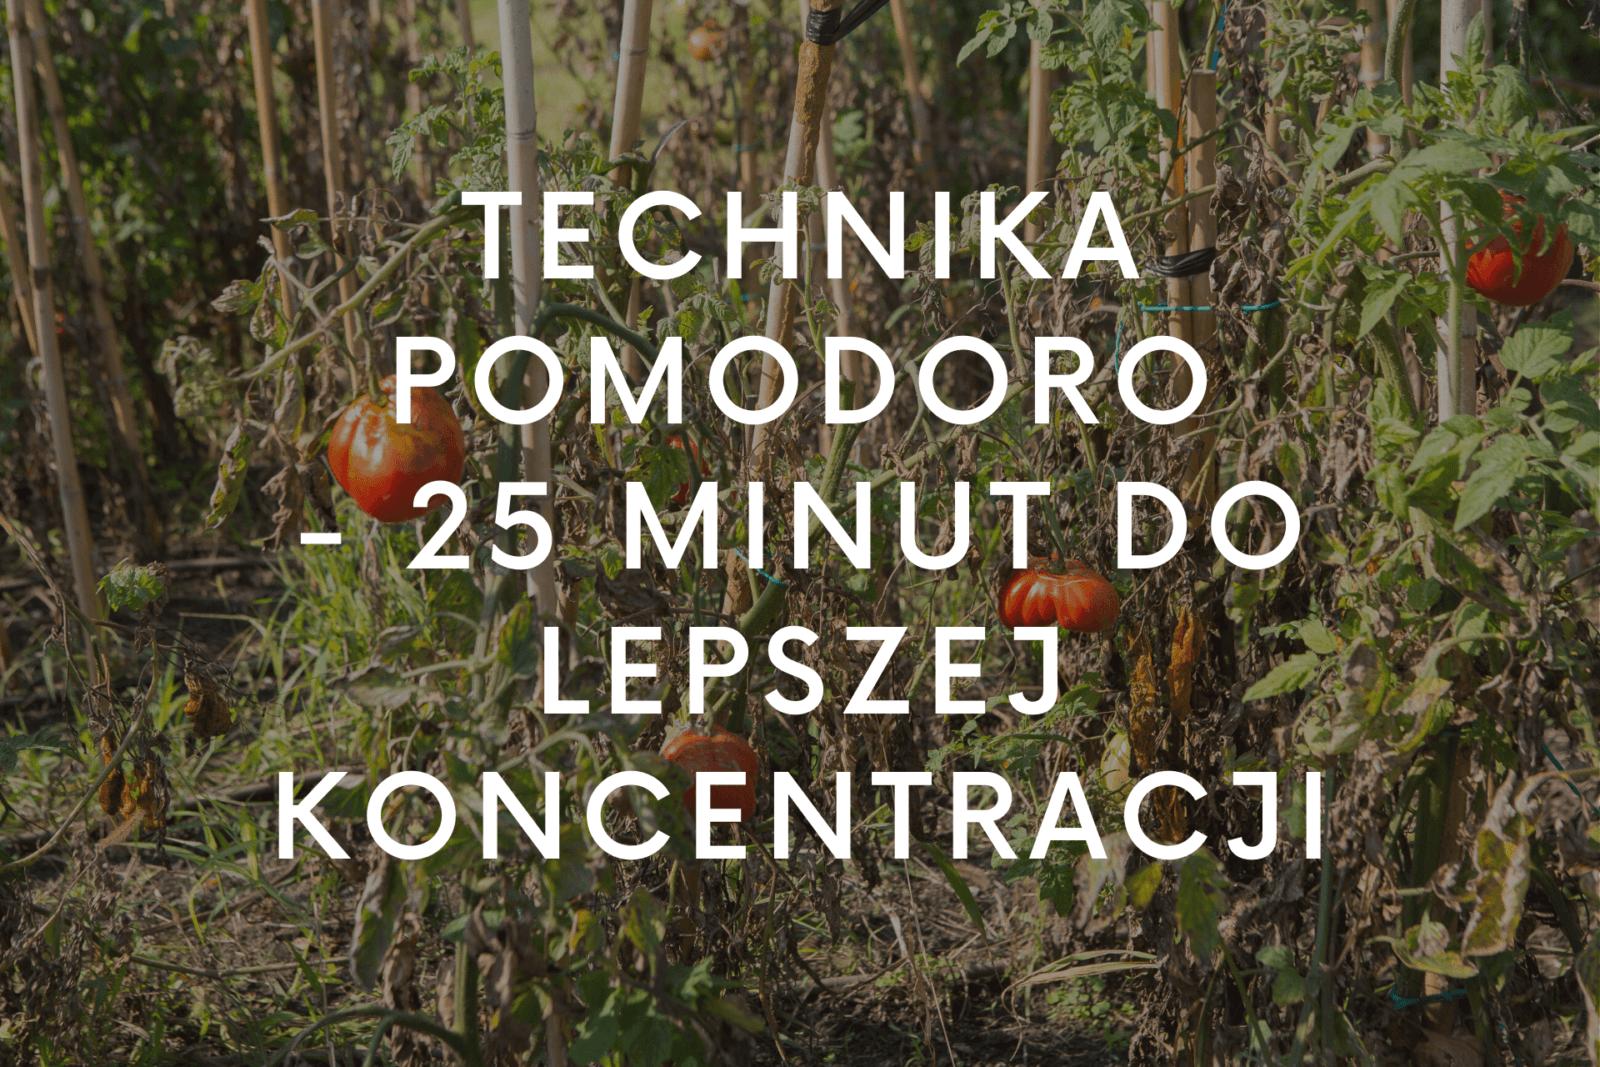 Technika Pomodoro - 25 minut do lepszej koncentracji